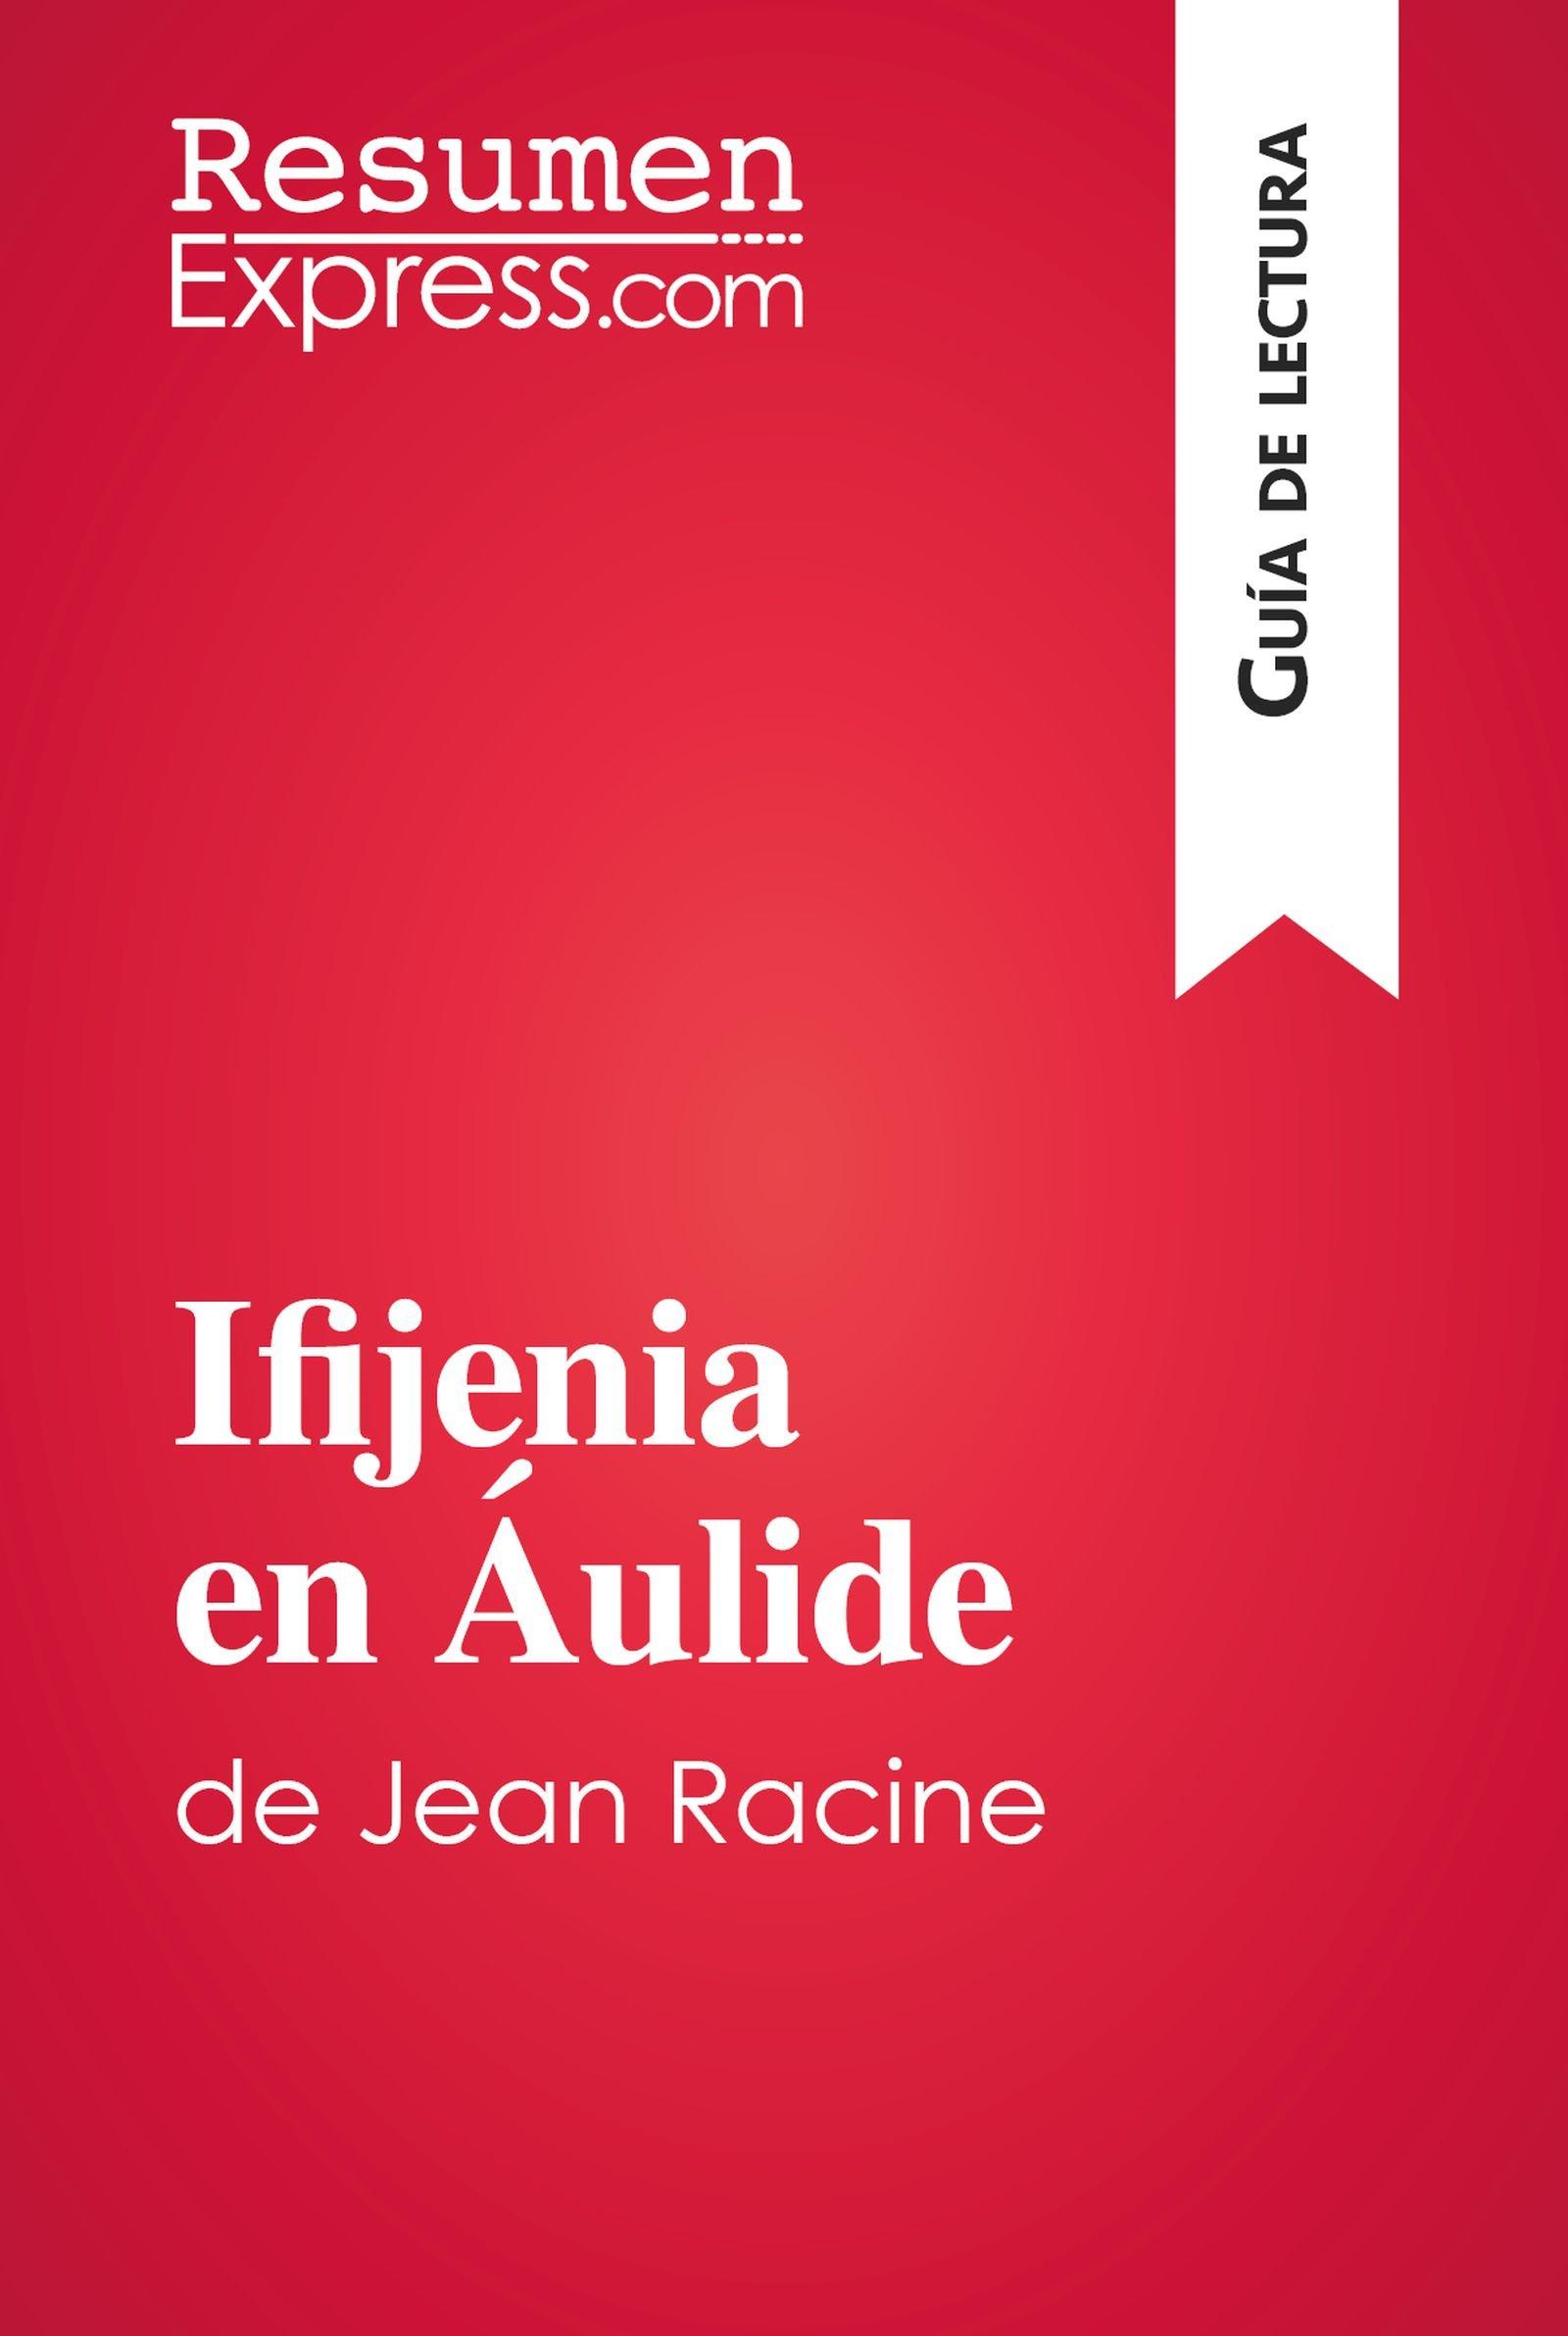 Ifijenia en Áulide de Jean Racine (Guía de lectura): Resumen y análisis completo